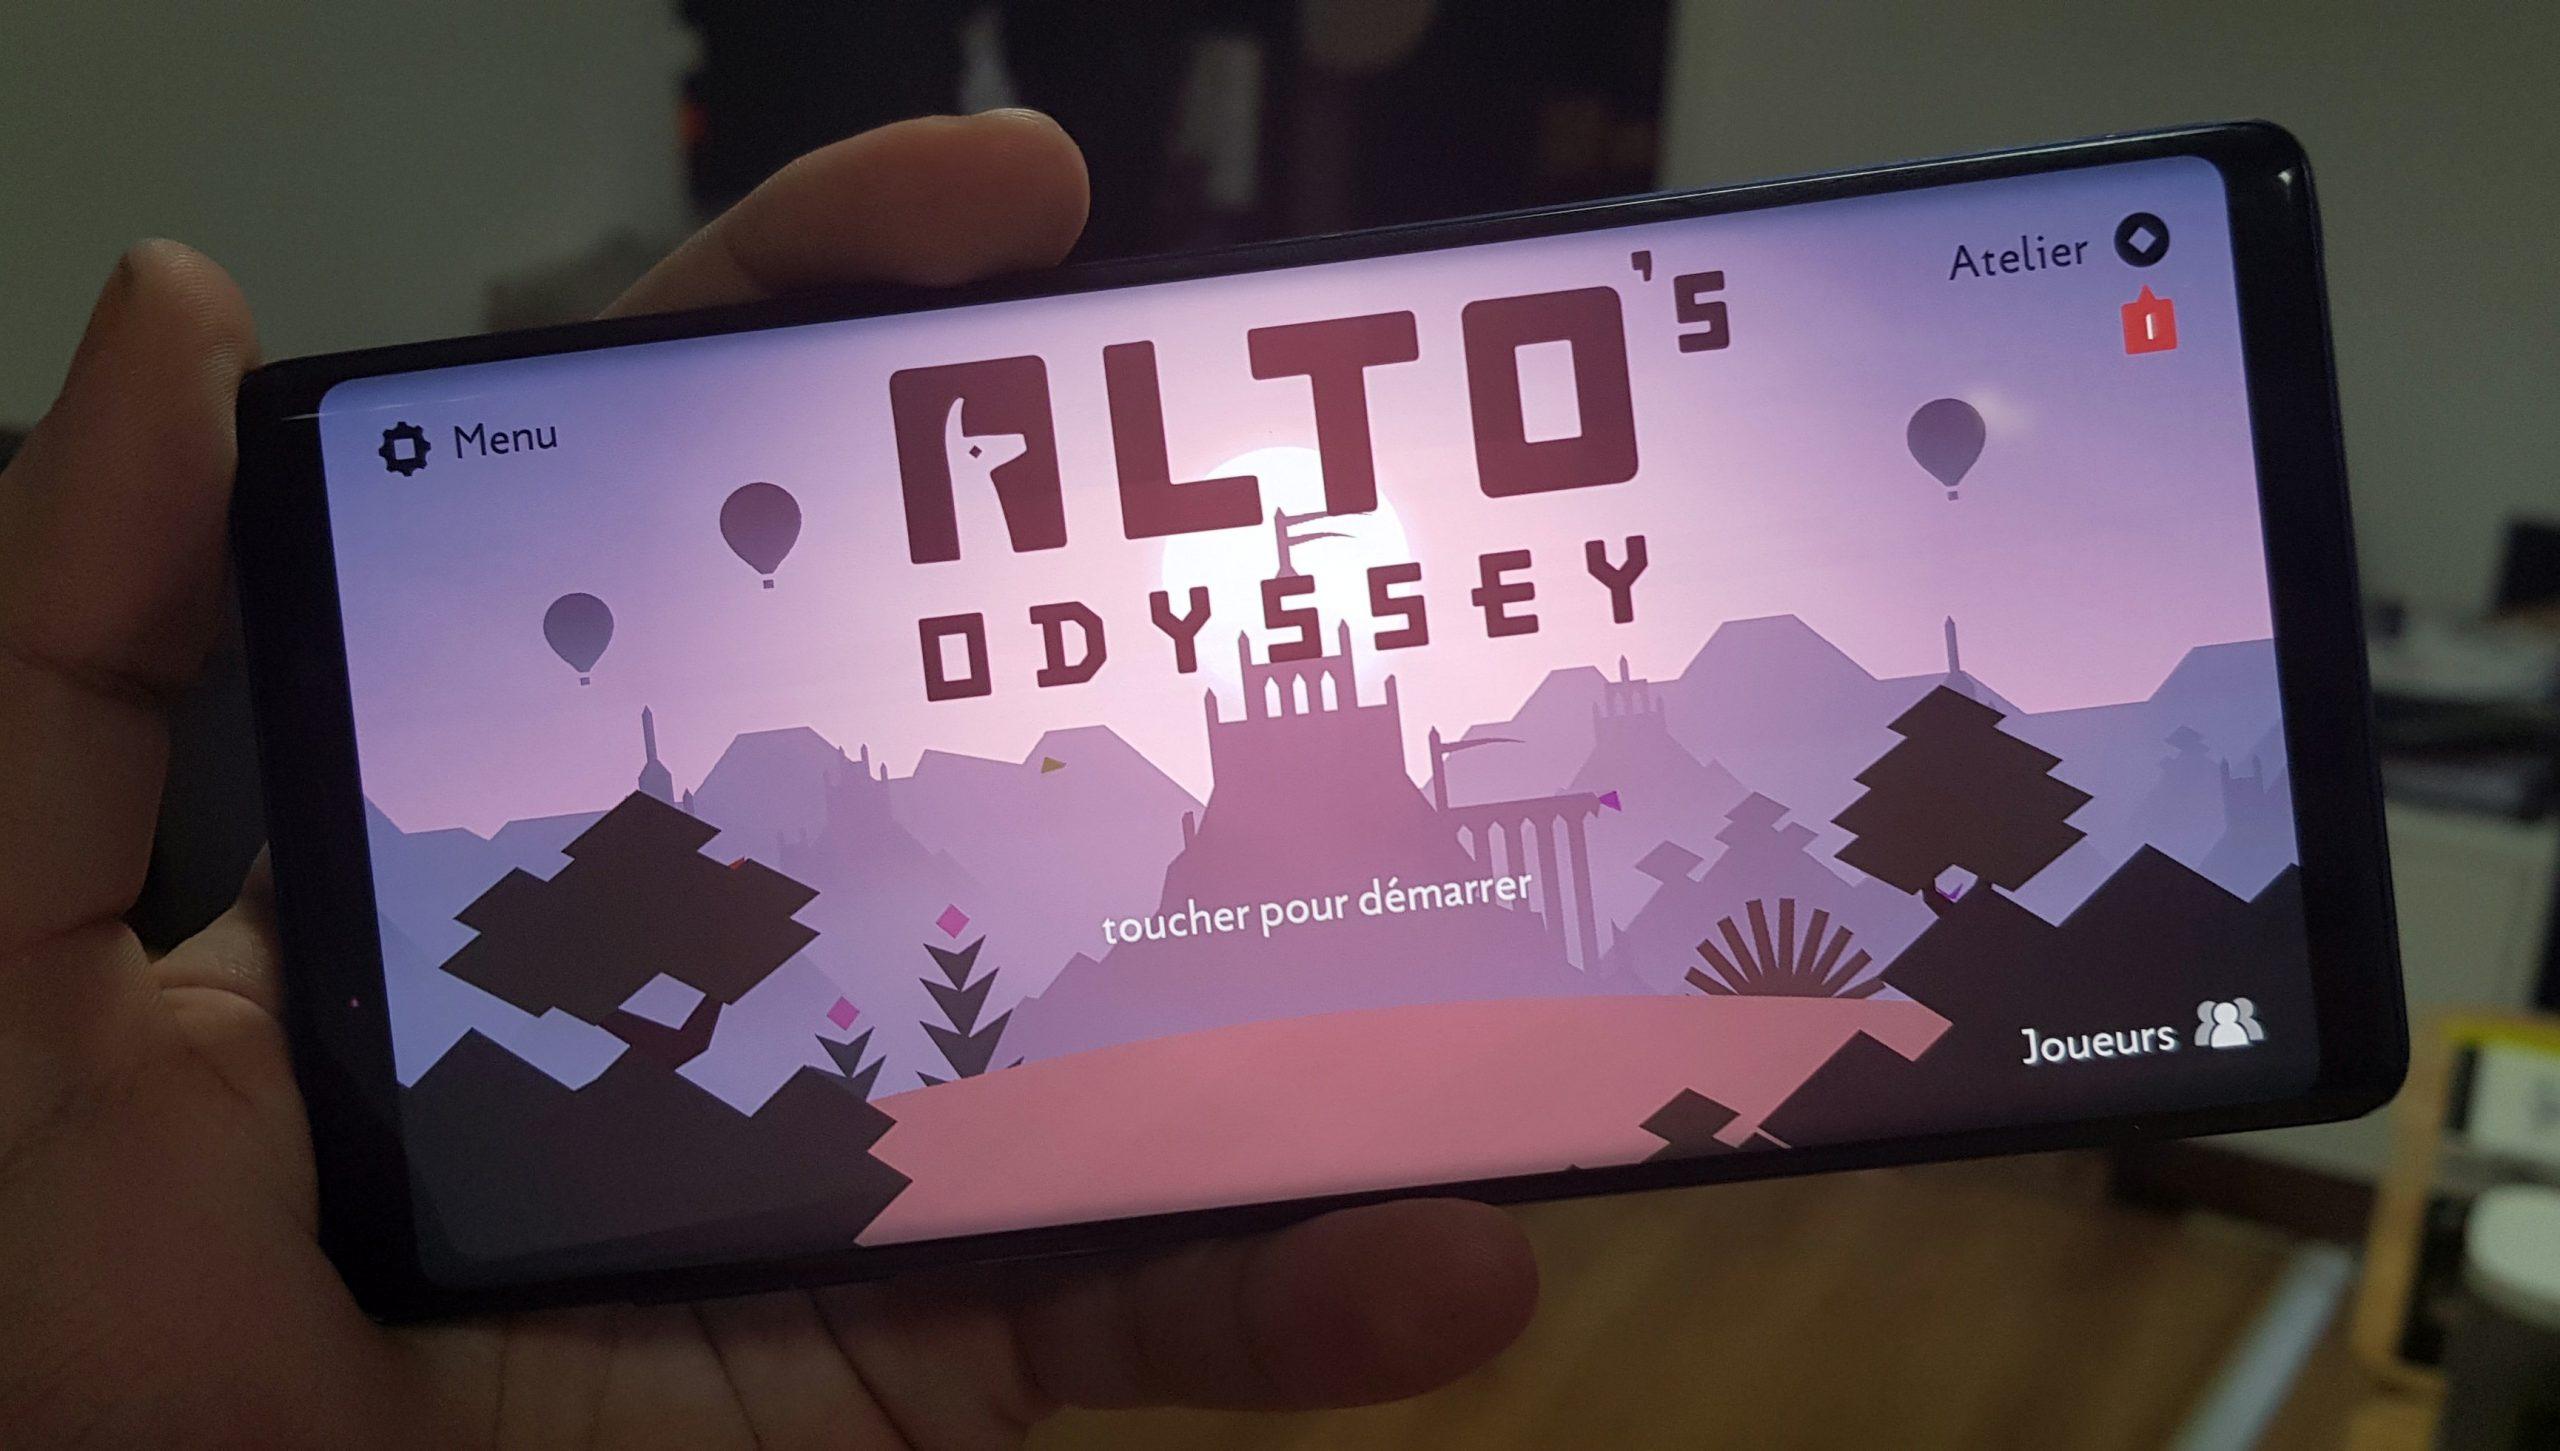 Les Meilleurs Jeux Sans Connexion Sur Android Et Ios En 2020 avec Jeux Facile A Telecharger